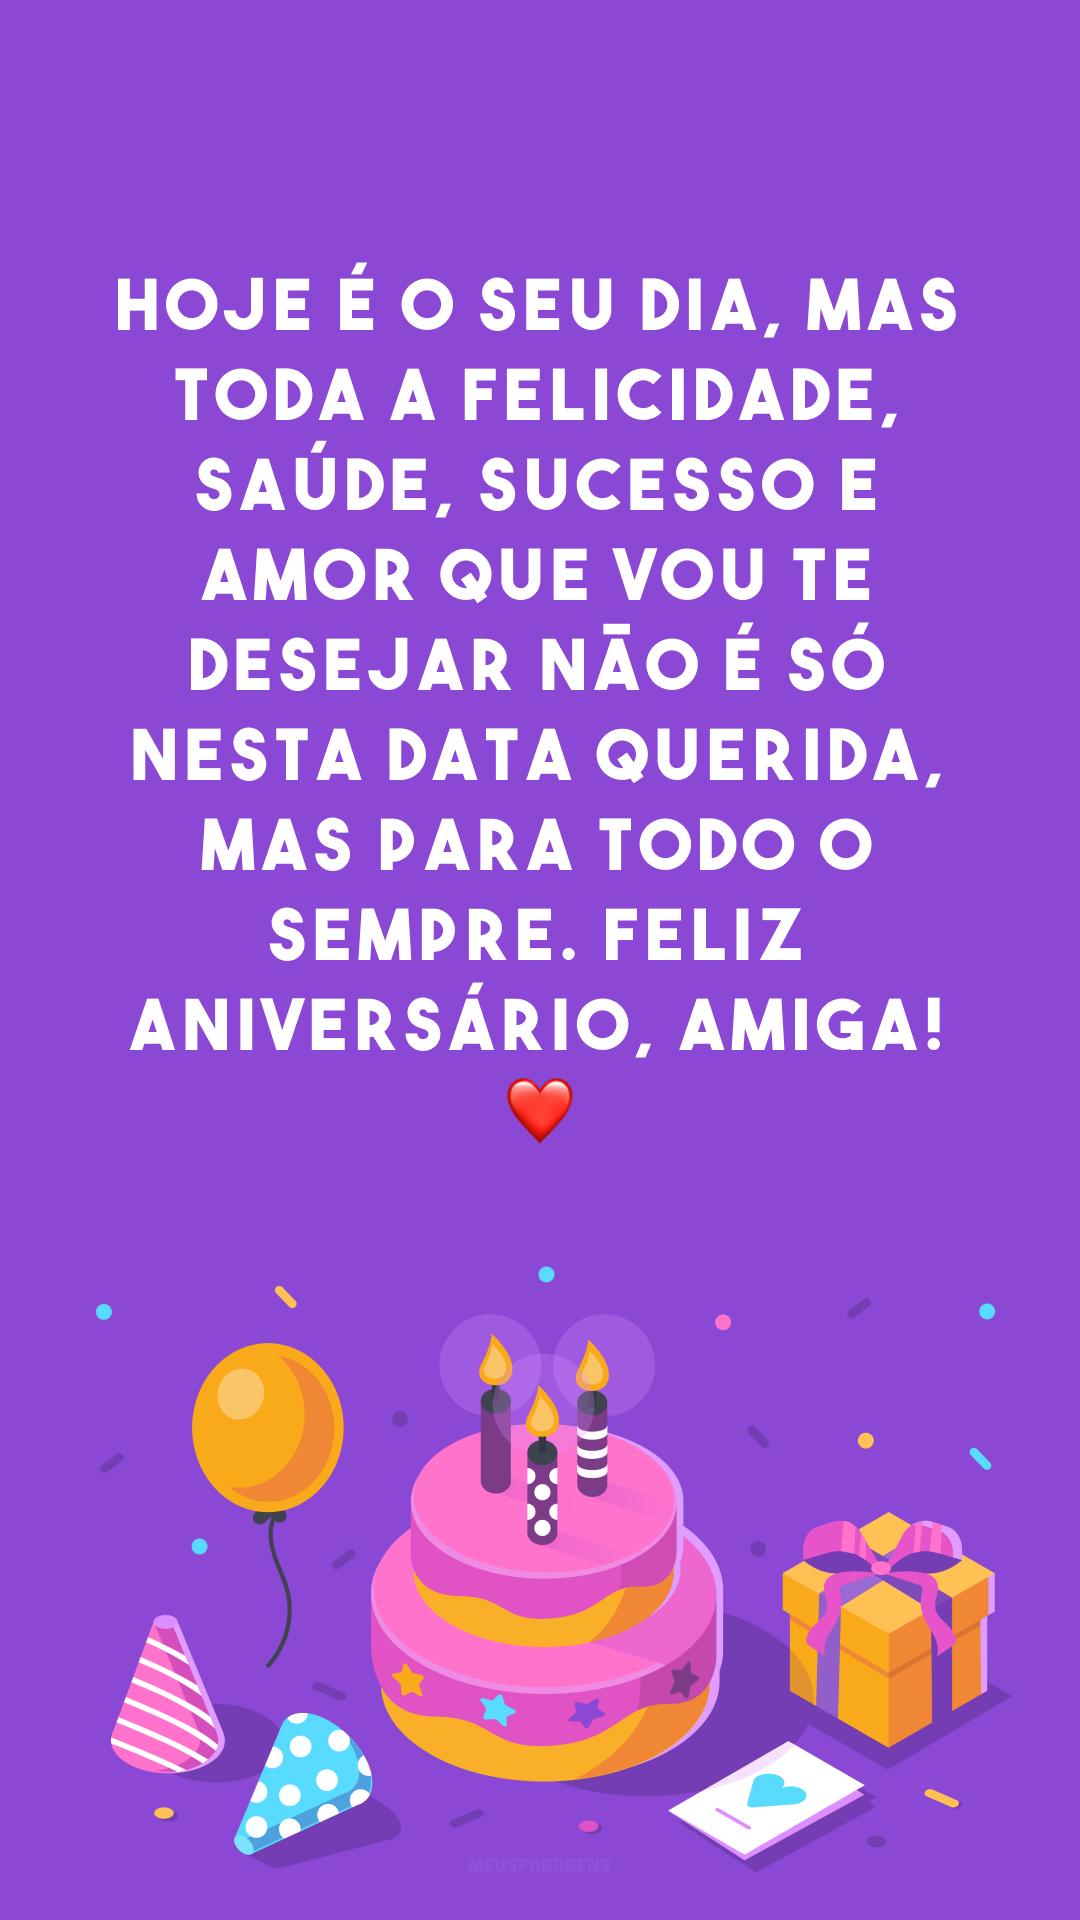 Hoje é o seu dia, mas toda a felicidade, saúde, sucesso e amor que vou te desejar não é só nesta data querida, mas para todo o sempre. Feliz aniversário, amiga! ❤